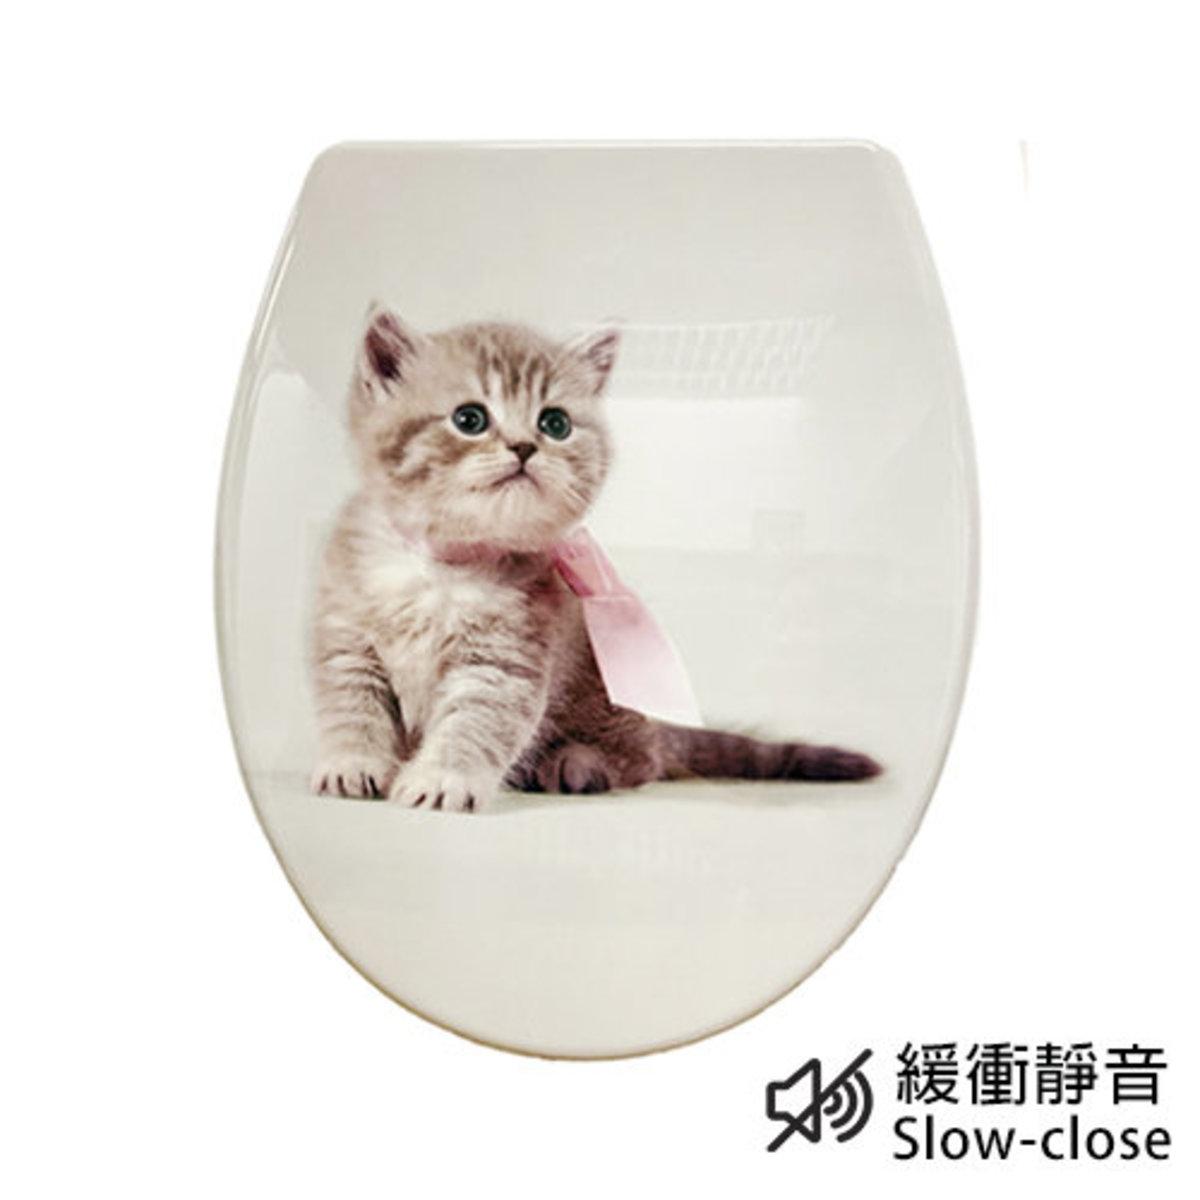 UF緩衝廁板 1C104 (動物圖案)